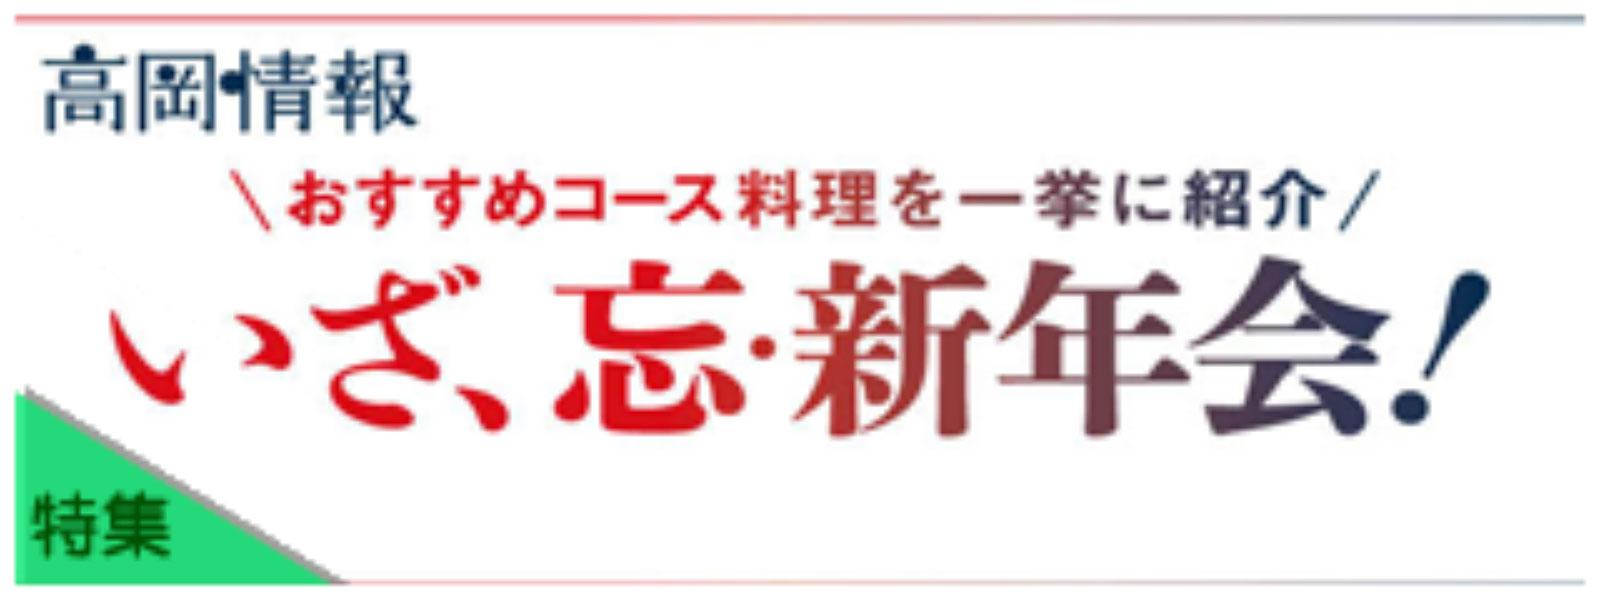 いざ、忘新年会_OJ191106